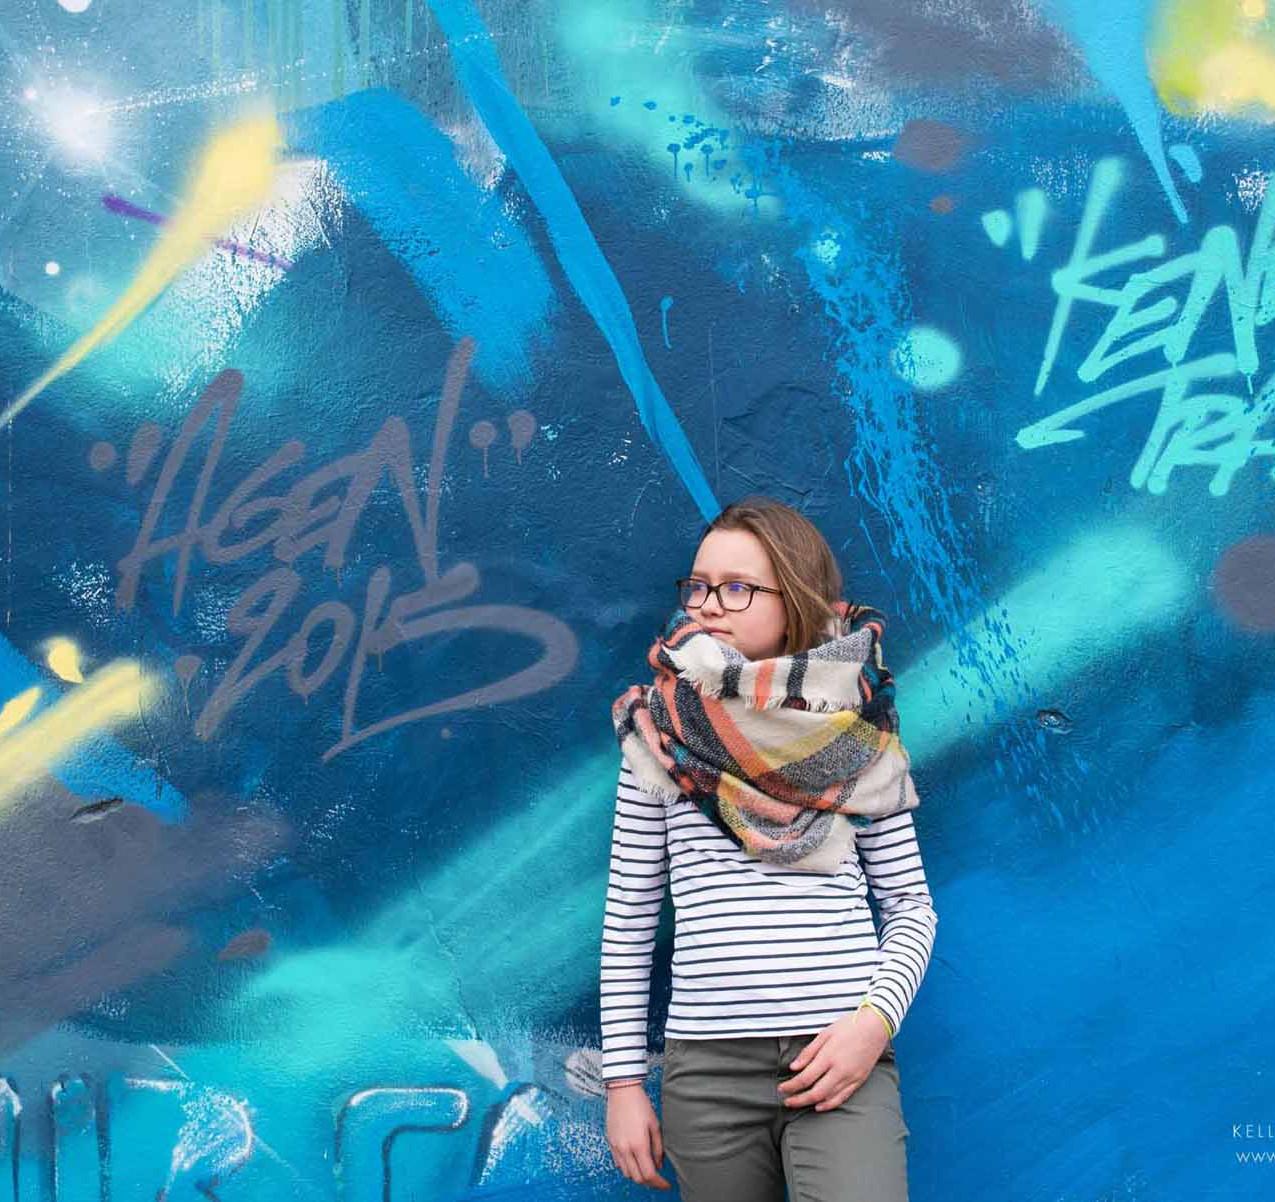 séance photo Agen, graff